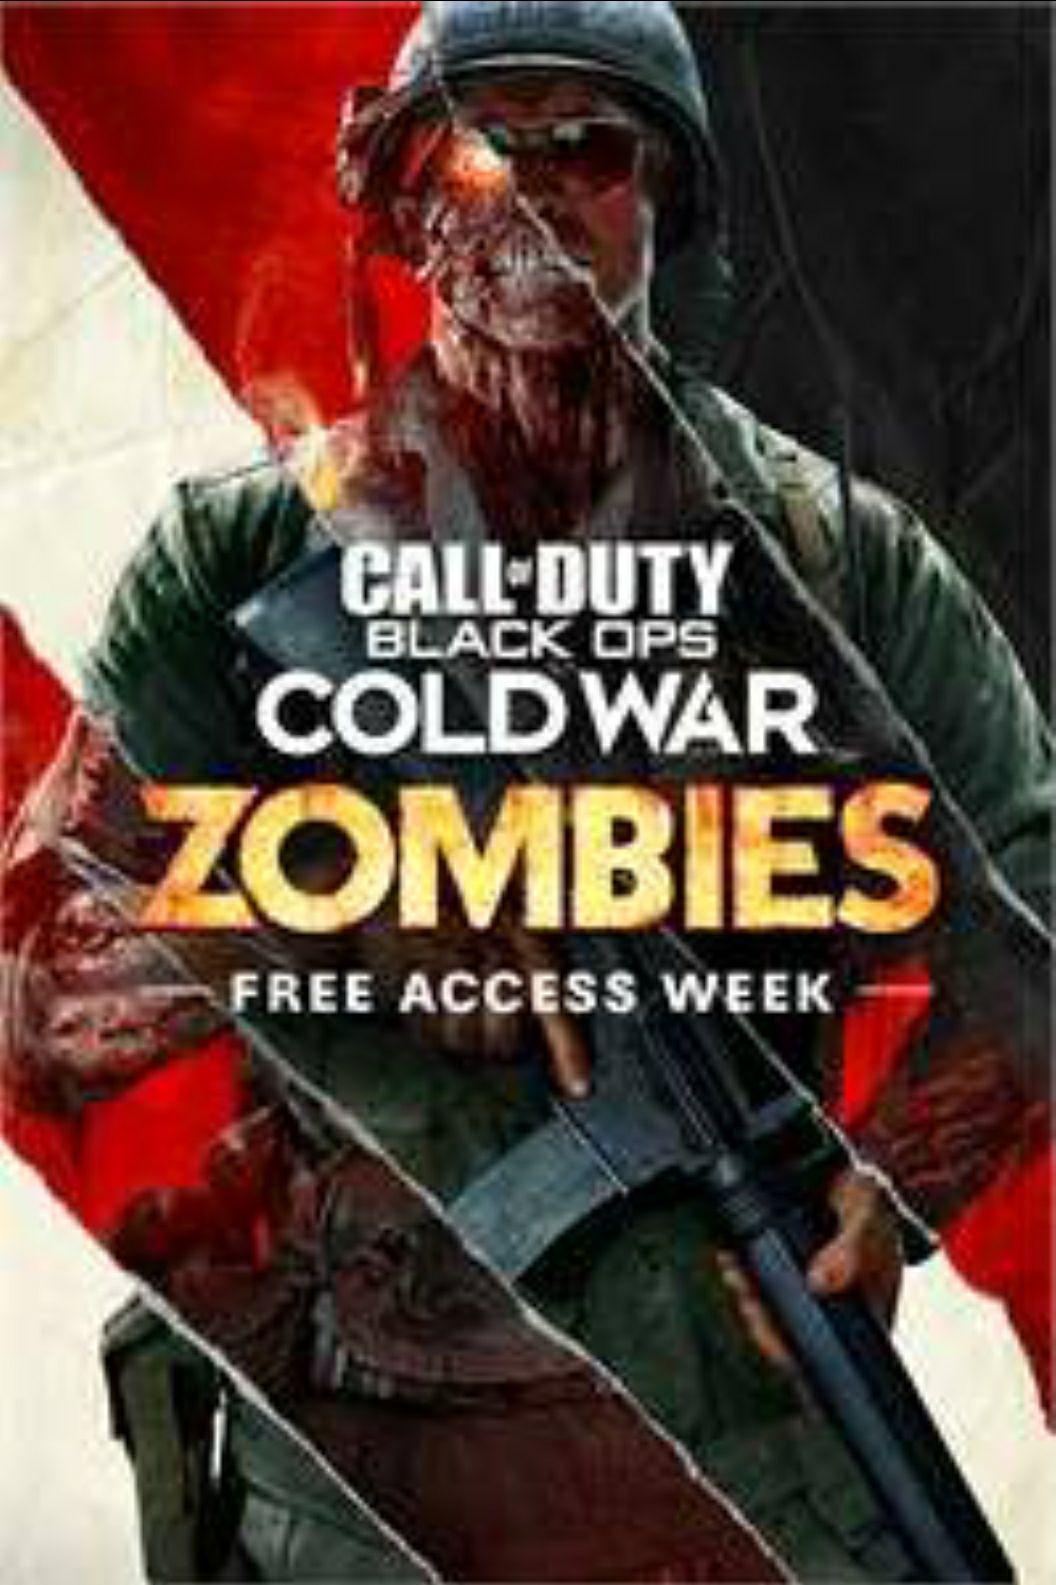 [14/01 bis 21/01] Black Ops Cold War - Zombie Kostenloser Zugang (Xbox)